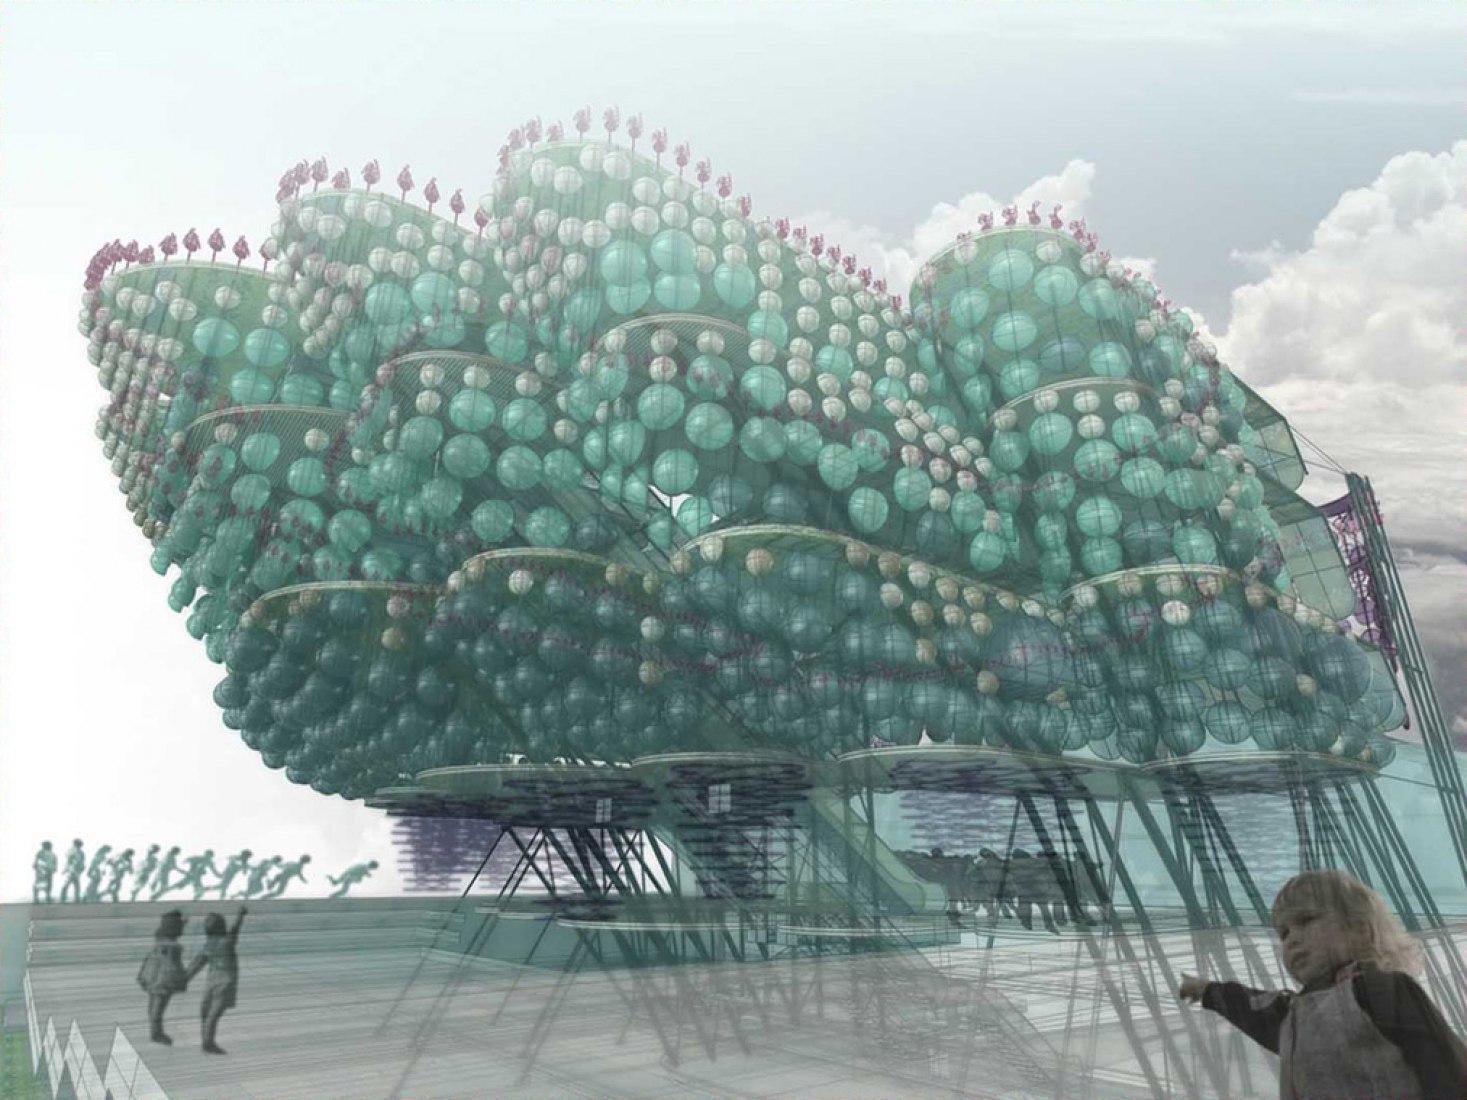 Museo de Arte Moderno de Medellín.  Izaskun Chinchilla + Plan B